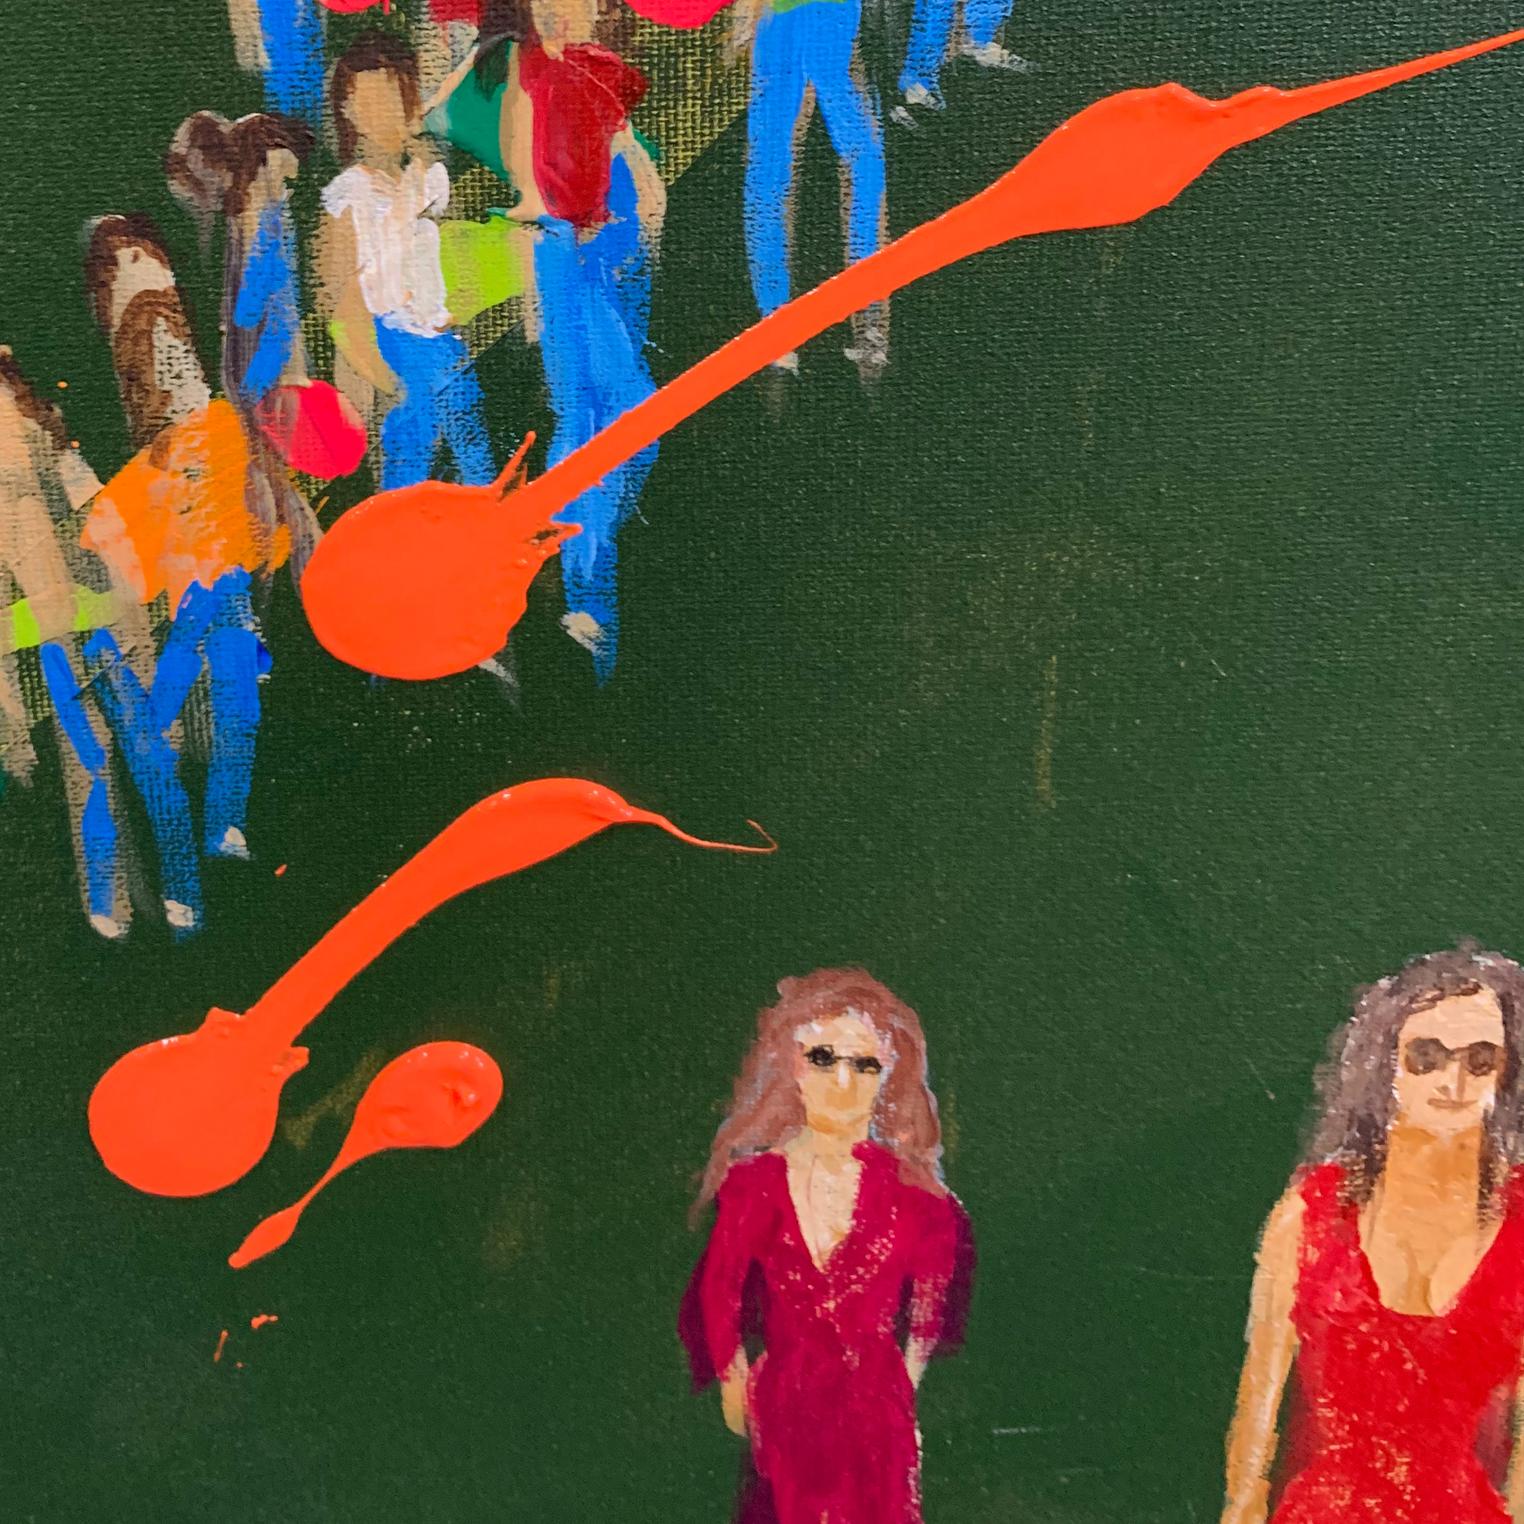 'Imagine' by Australian artist Steve Baker